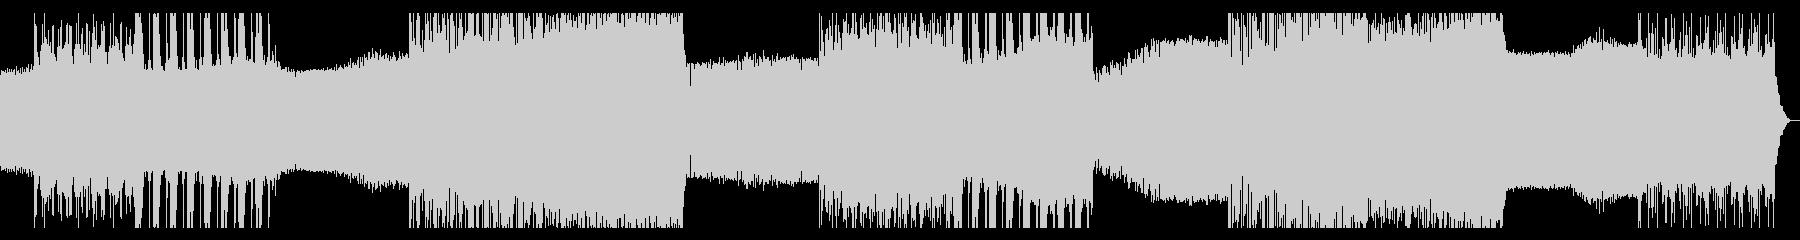 シンプルなアルペジオのテクノ10の未再生の波形